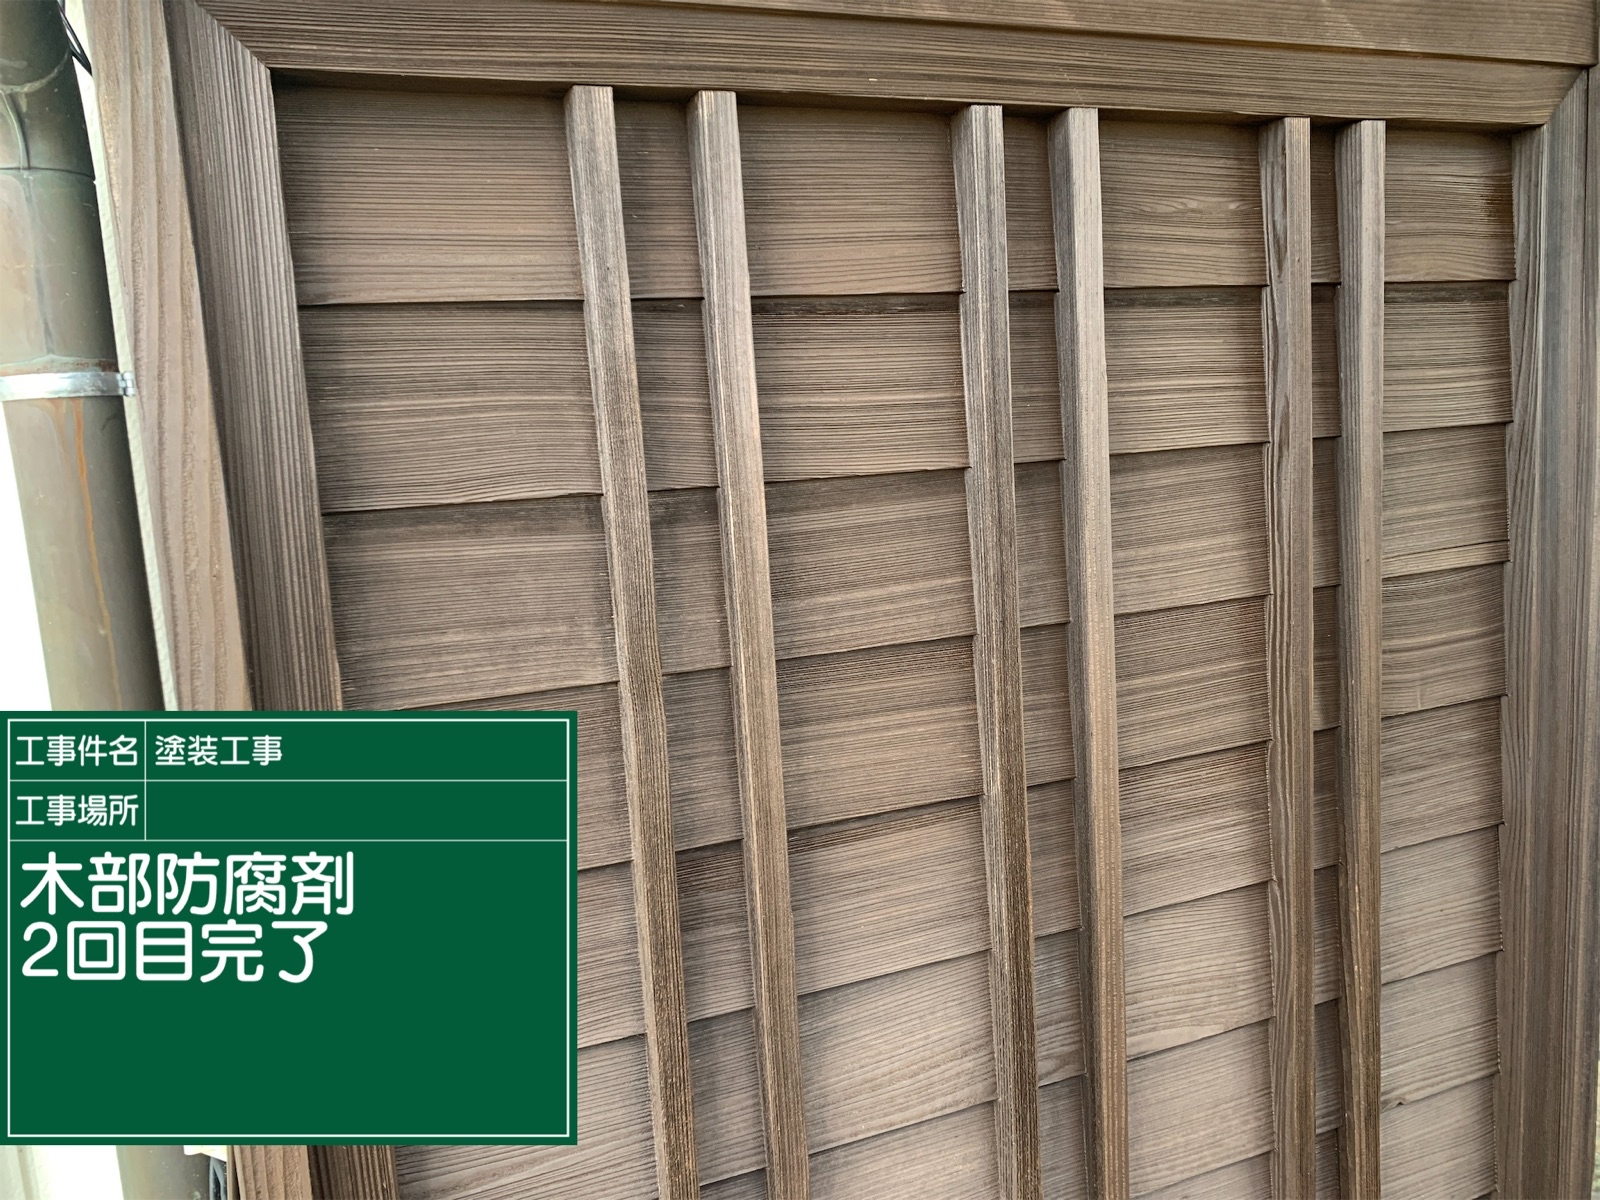 木部防腐剤2回目後(2)300018